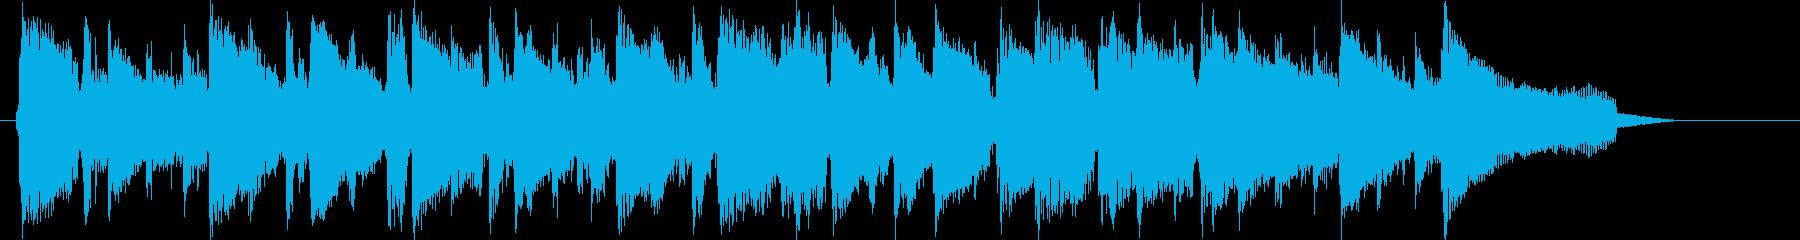 高音の小気味好いリズムの短めの曲の再生済みの波形